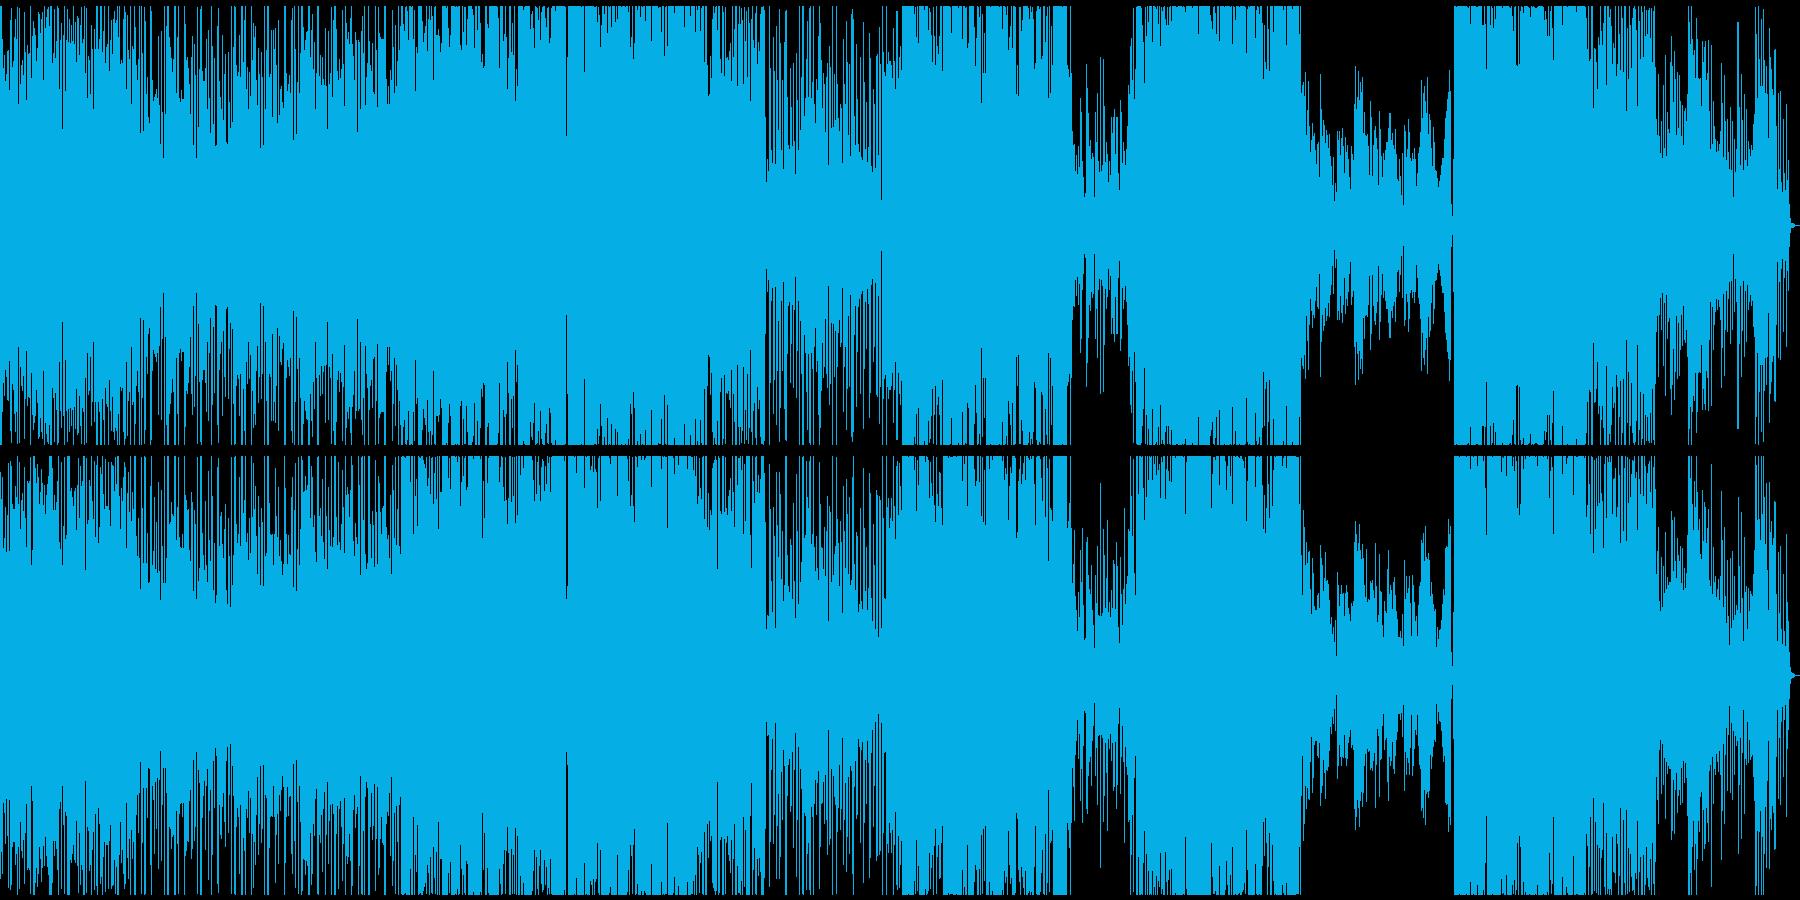 水中っぽさ+エレクトロ=ミズトロニカの再生済みの波形